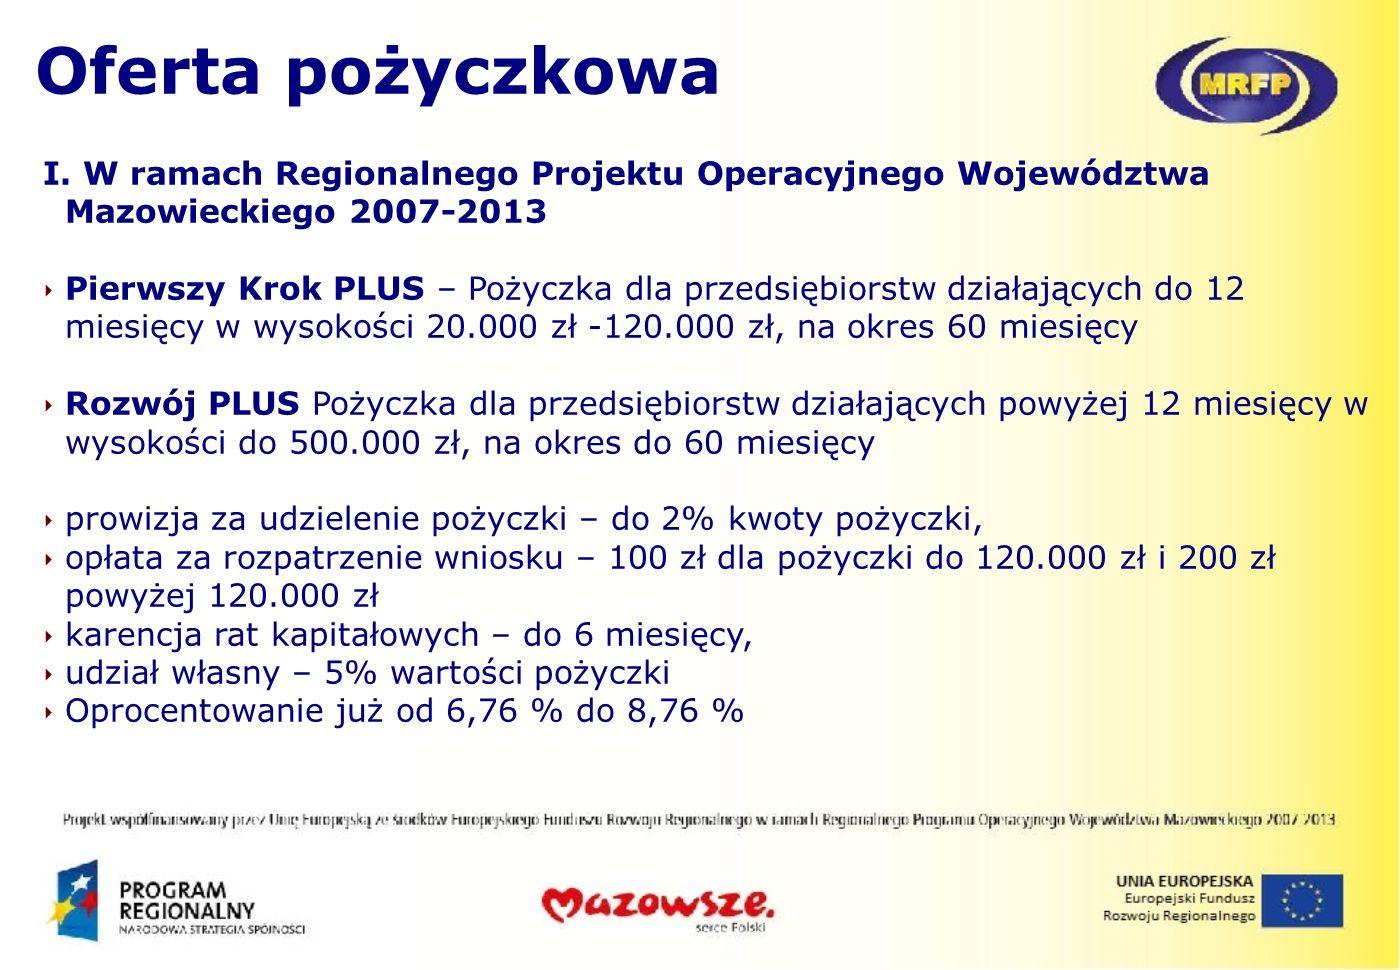 Oferta pożyczkowa I. W ramach Regionalnego Projektu Operacyjnego Województwa Mazowieckiego 2007-2013.